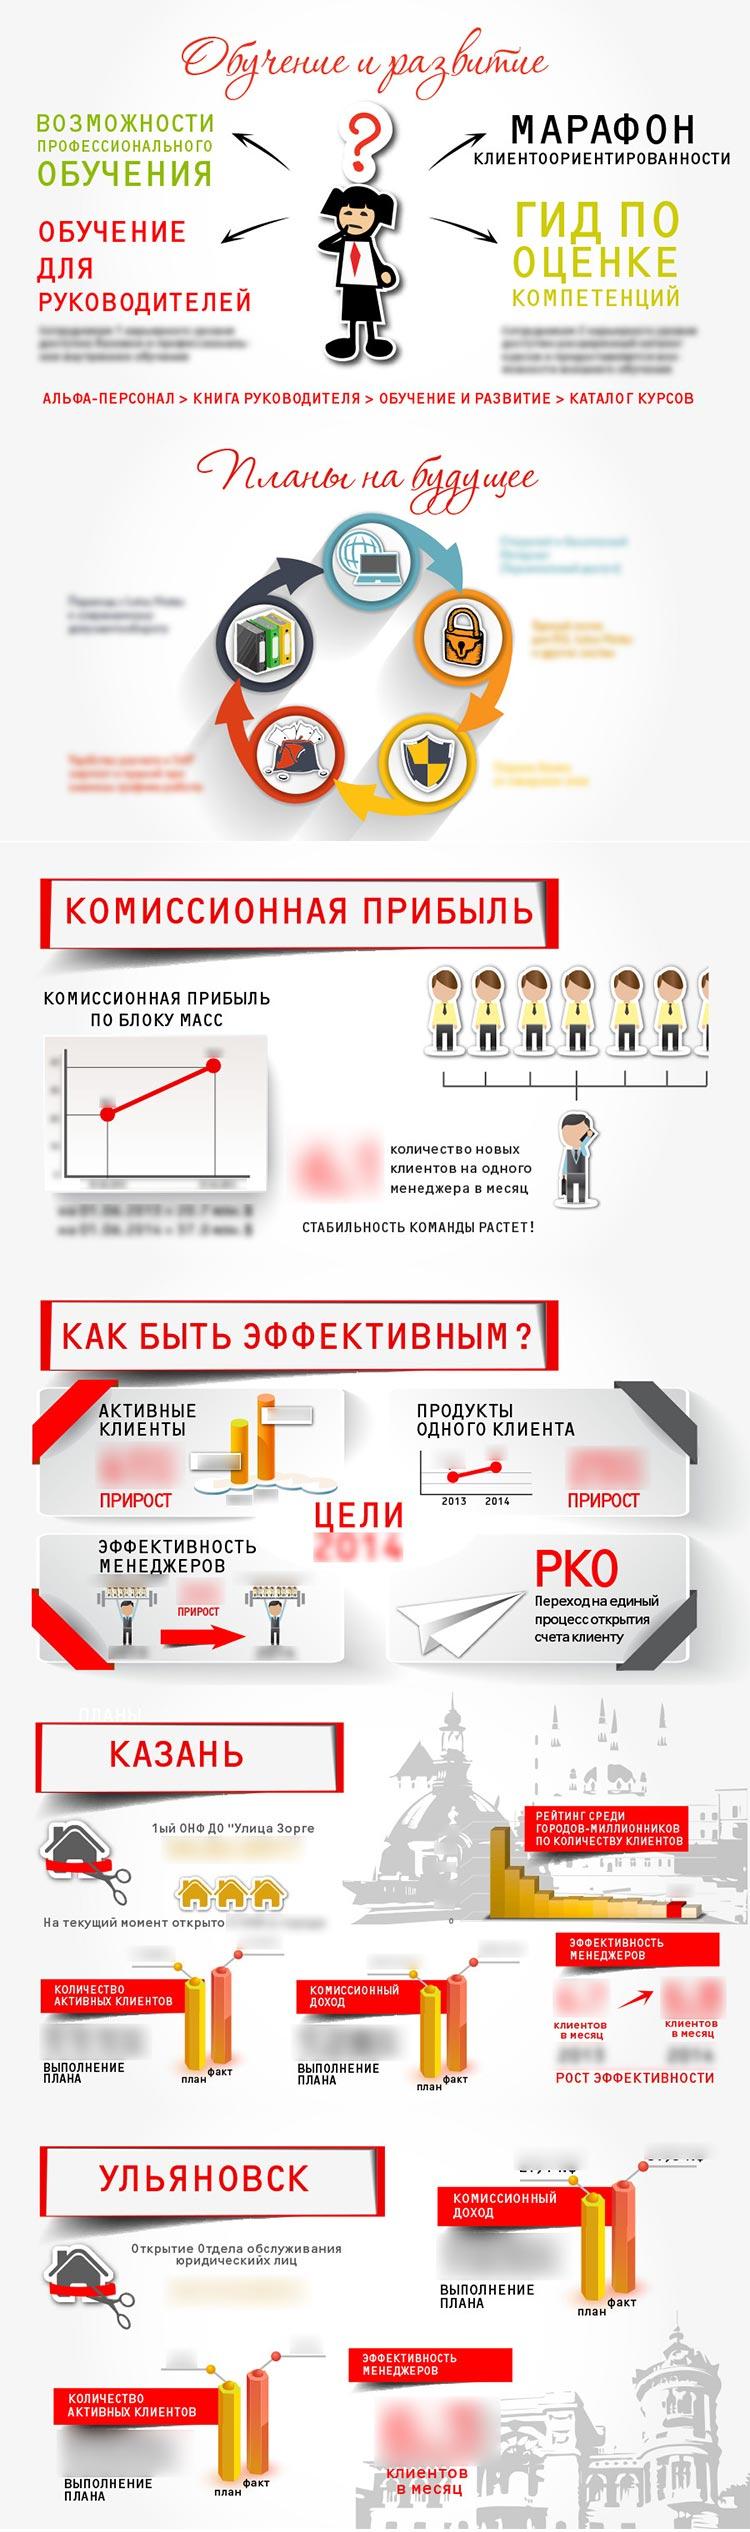 zakazat-Prezentacija-kompanii-dlja-vystuplenija